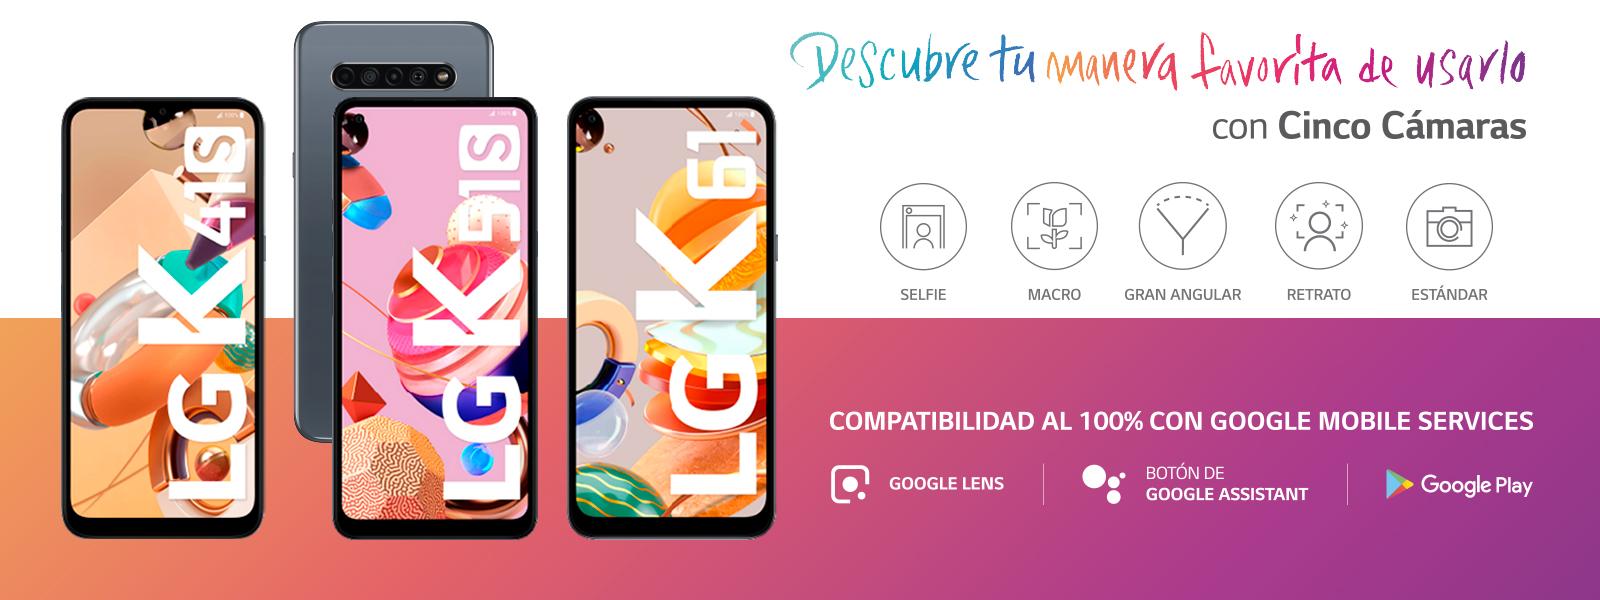 SERIE LG K 2020: LLEGA AL PERÚ LA GAMA DE SMARTPHONES QUE OFRECE CINCO CÁMARAS PARA TODOS